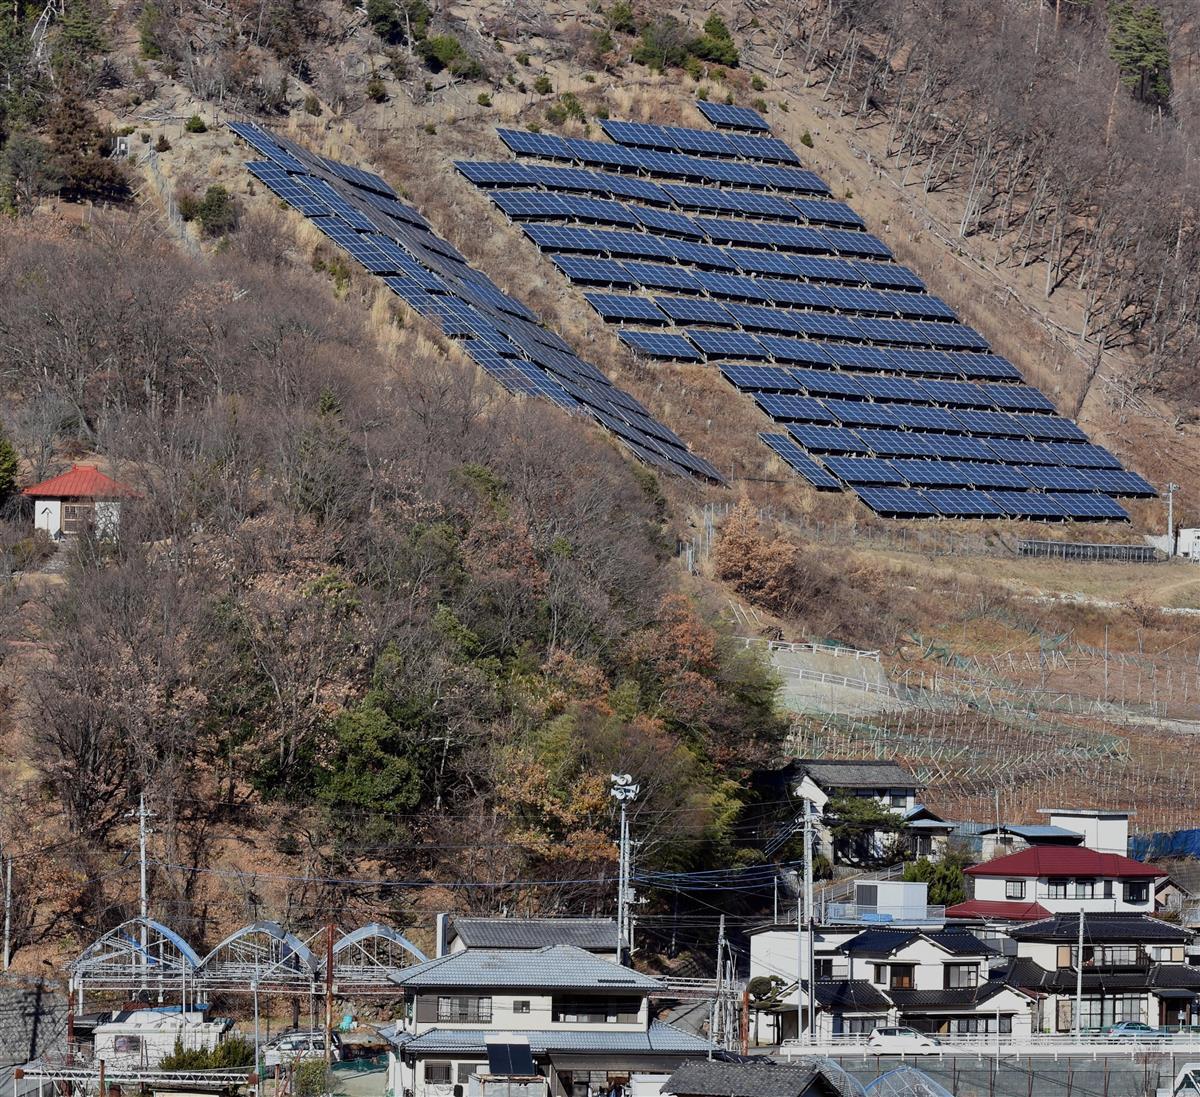 【深層リポート】山梨県「日本一の規制条例」目指す 環境破壊懸…